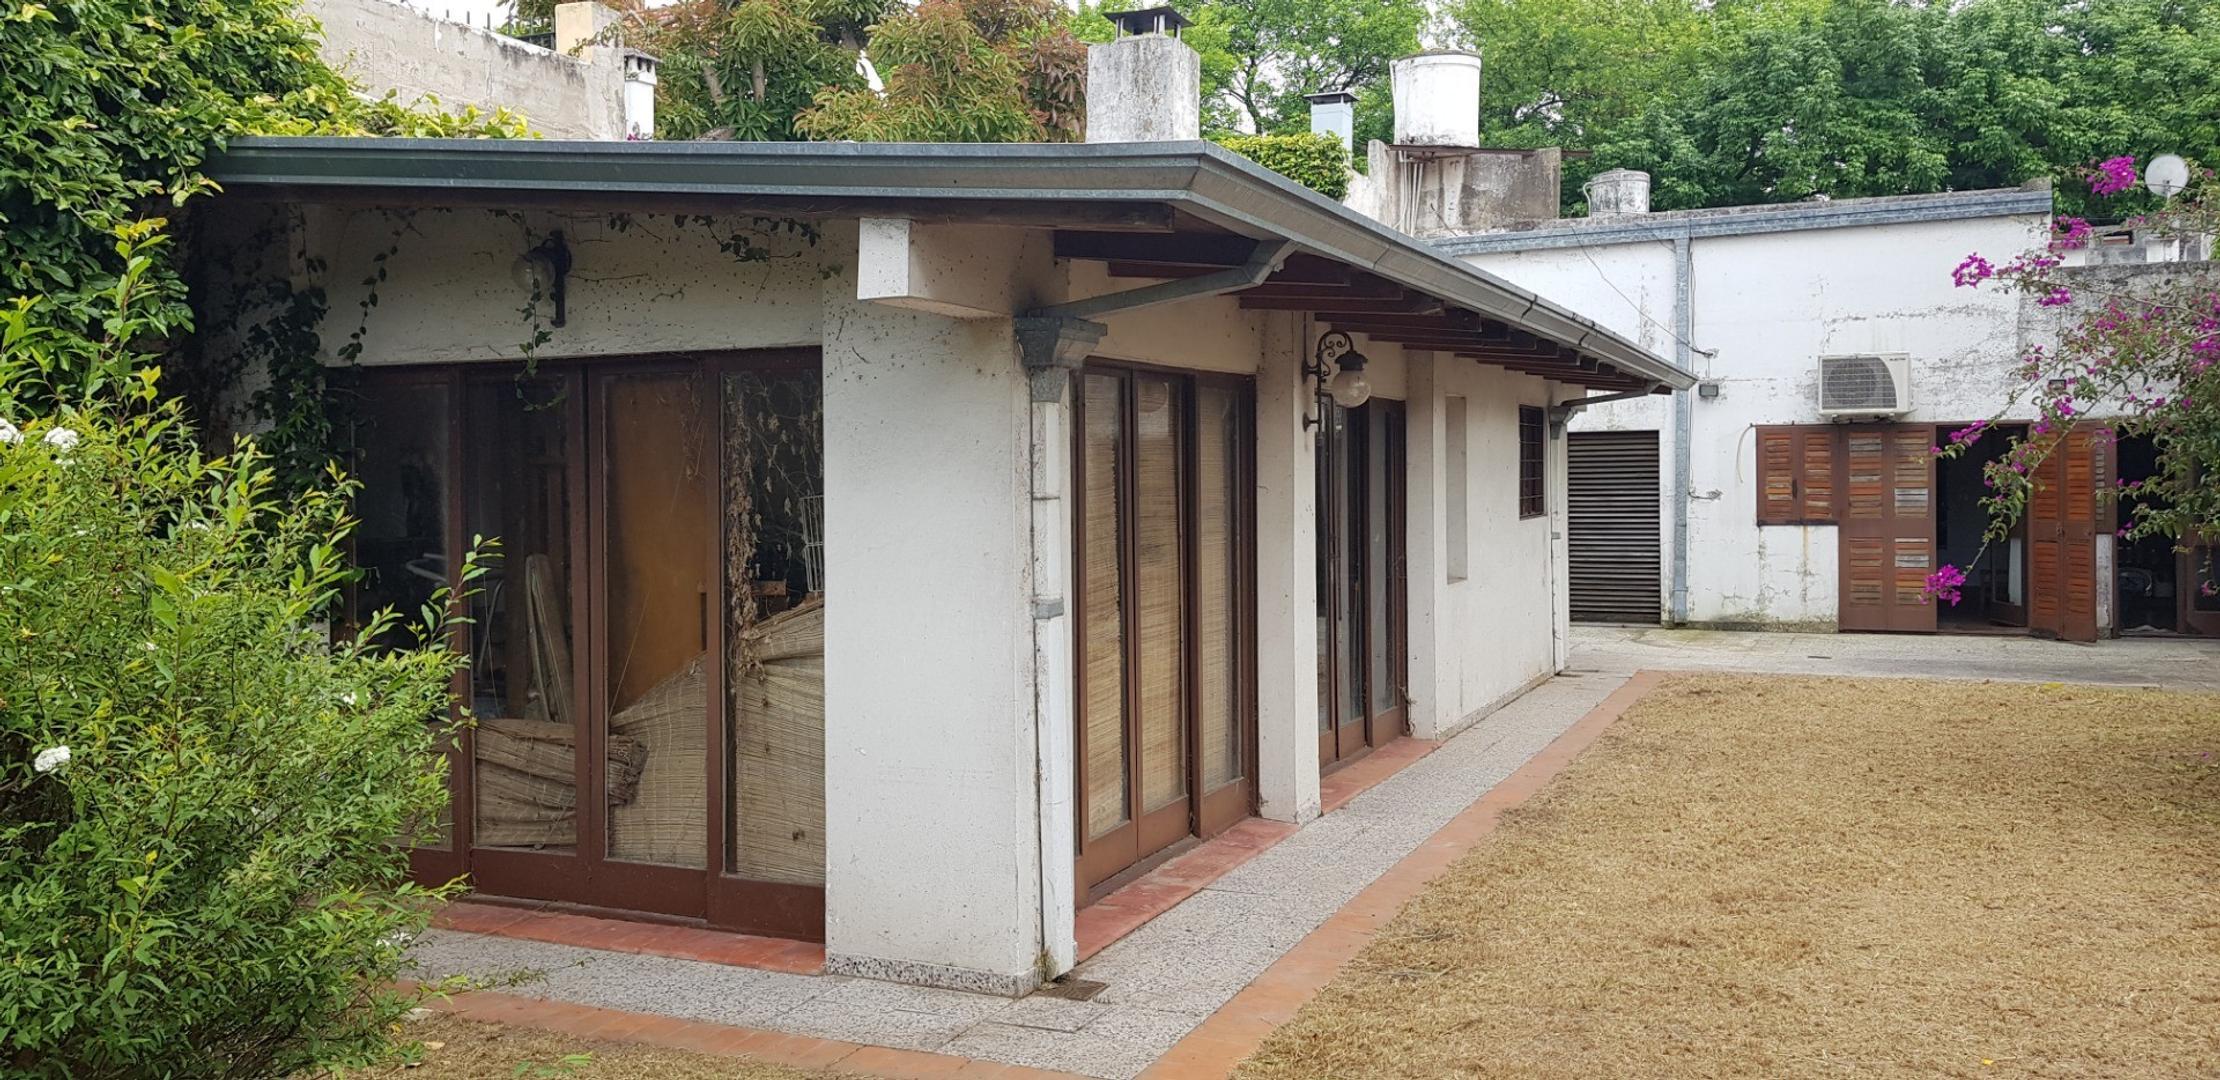 importante case sobre lote de 10x60 5 dormitorios, cochera doble, venta. 62 8 y  9  - Foto 23